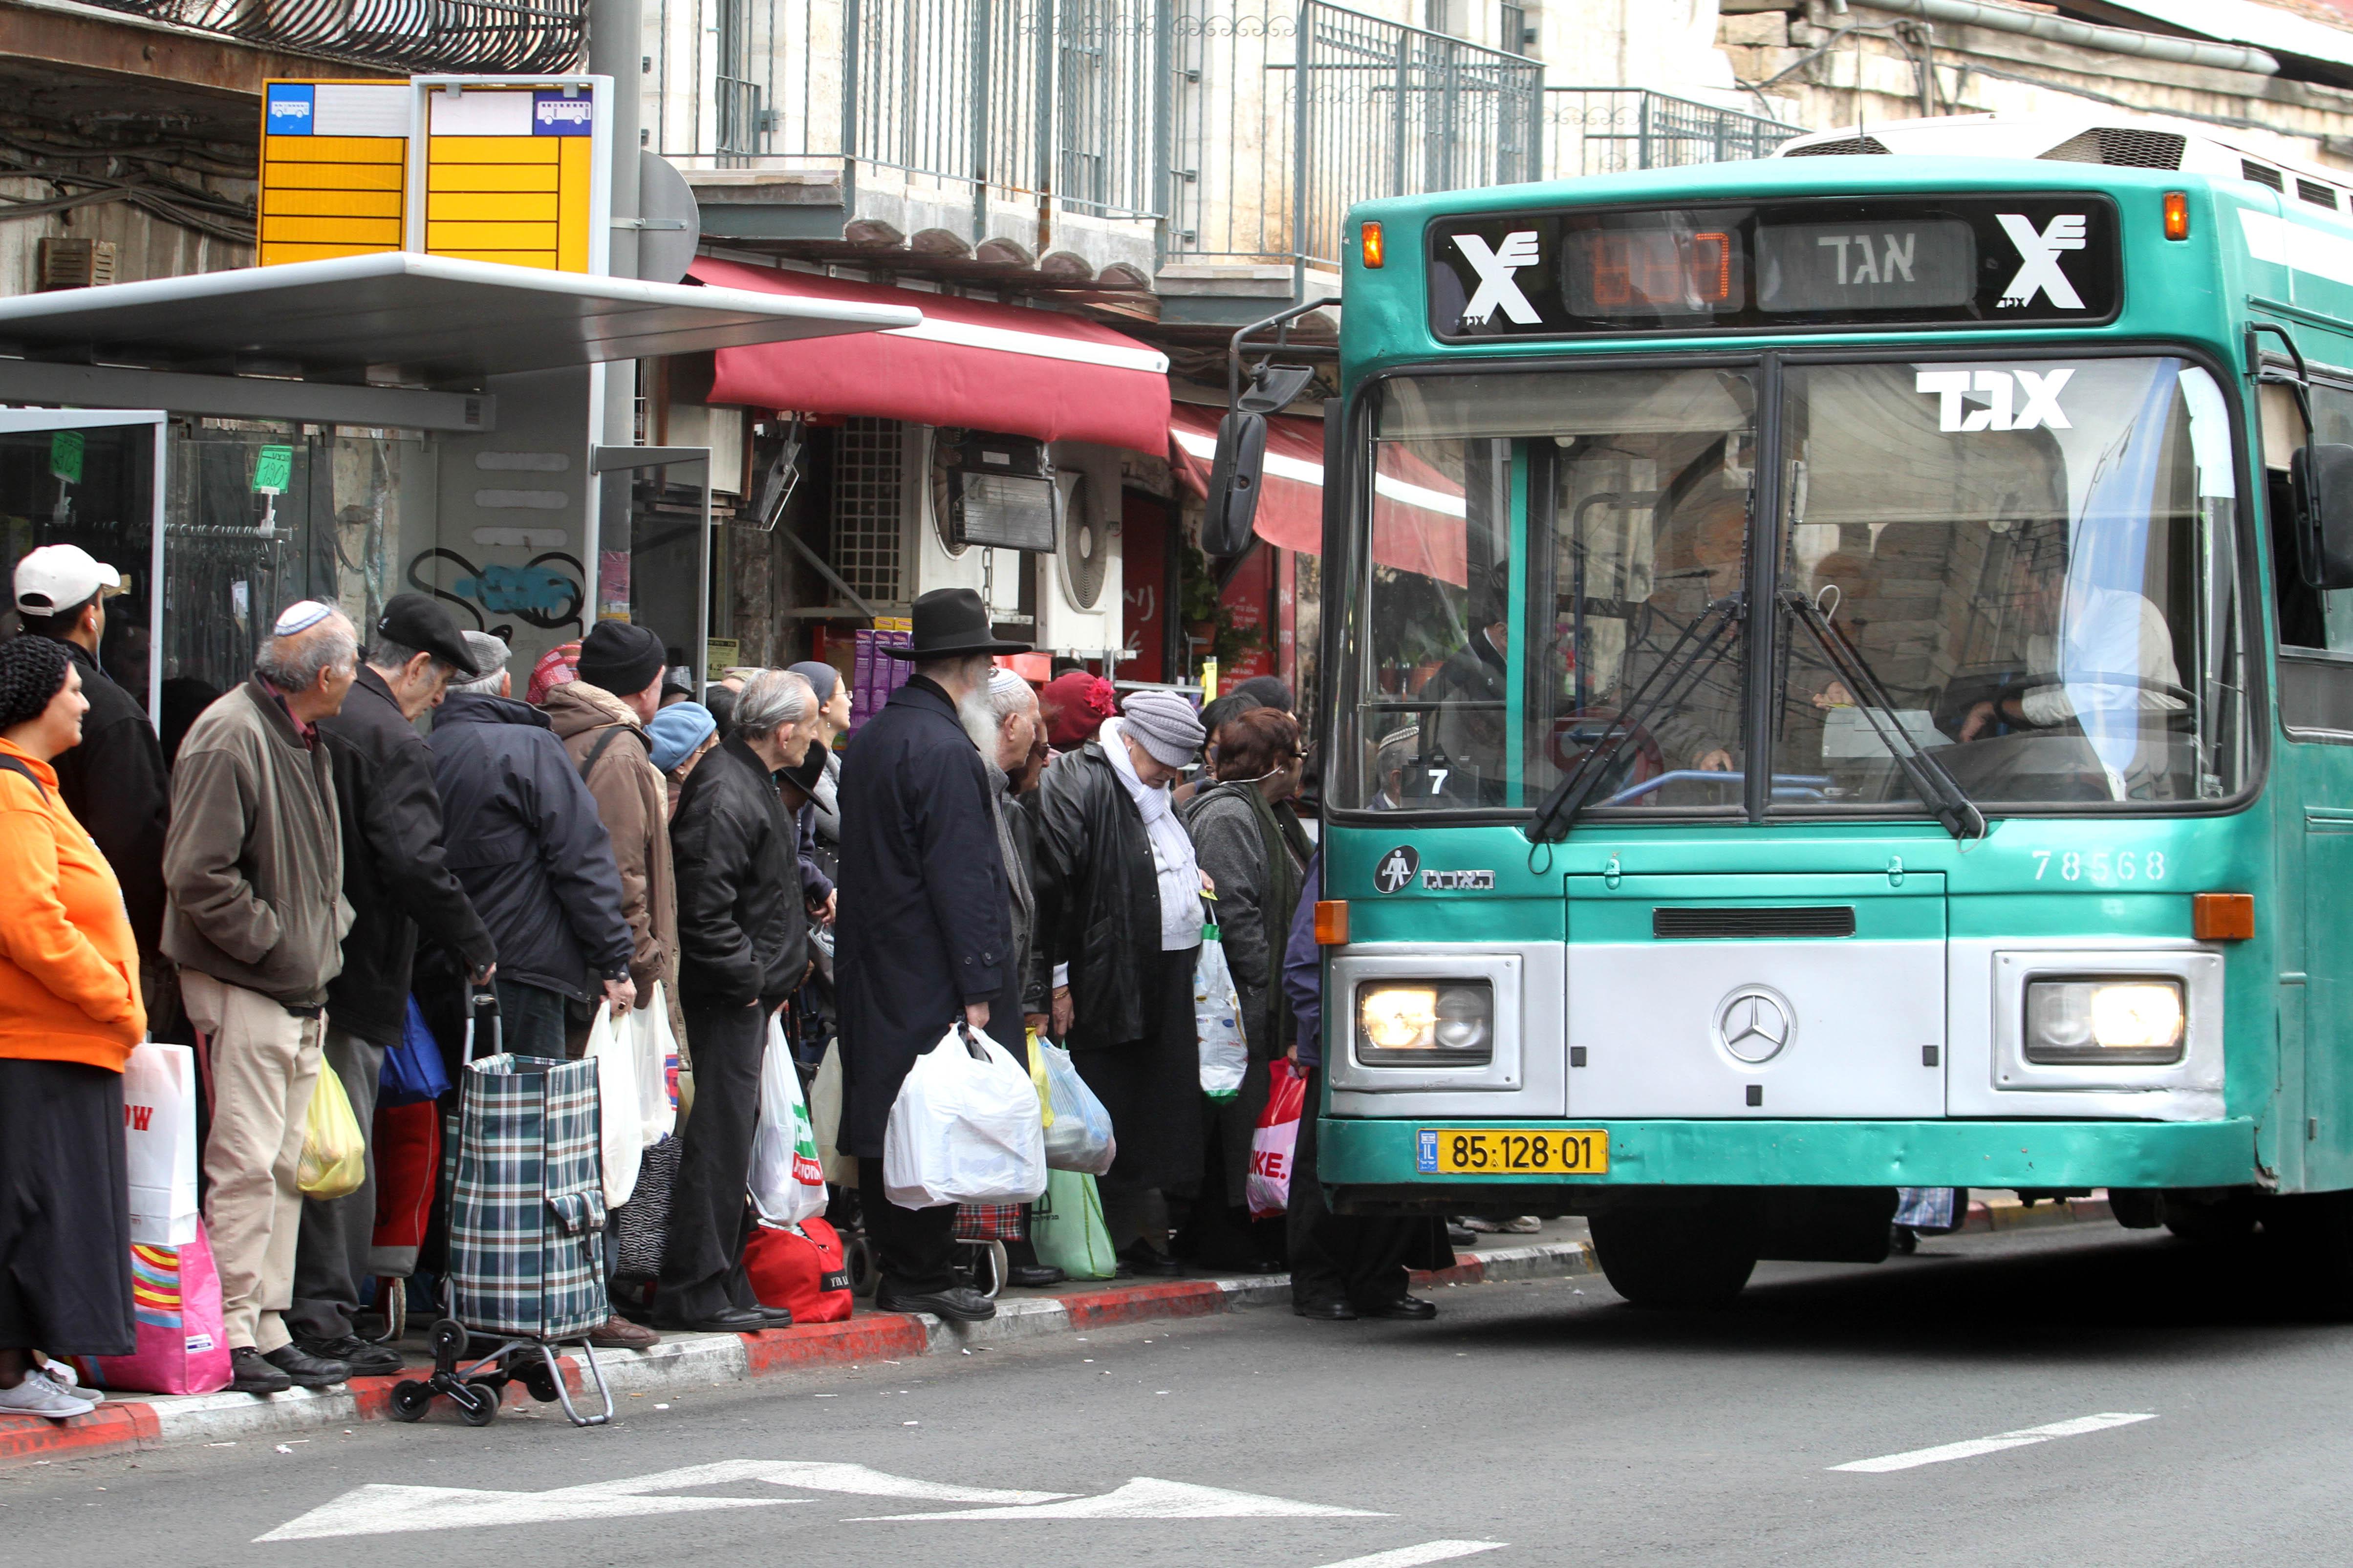 القدس: تزايد استقالات سائقي الحافلات الفلسطينيين بسبب التنكيل العنصرية